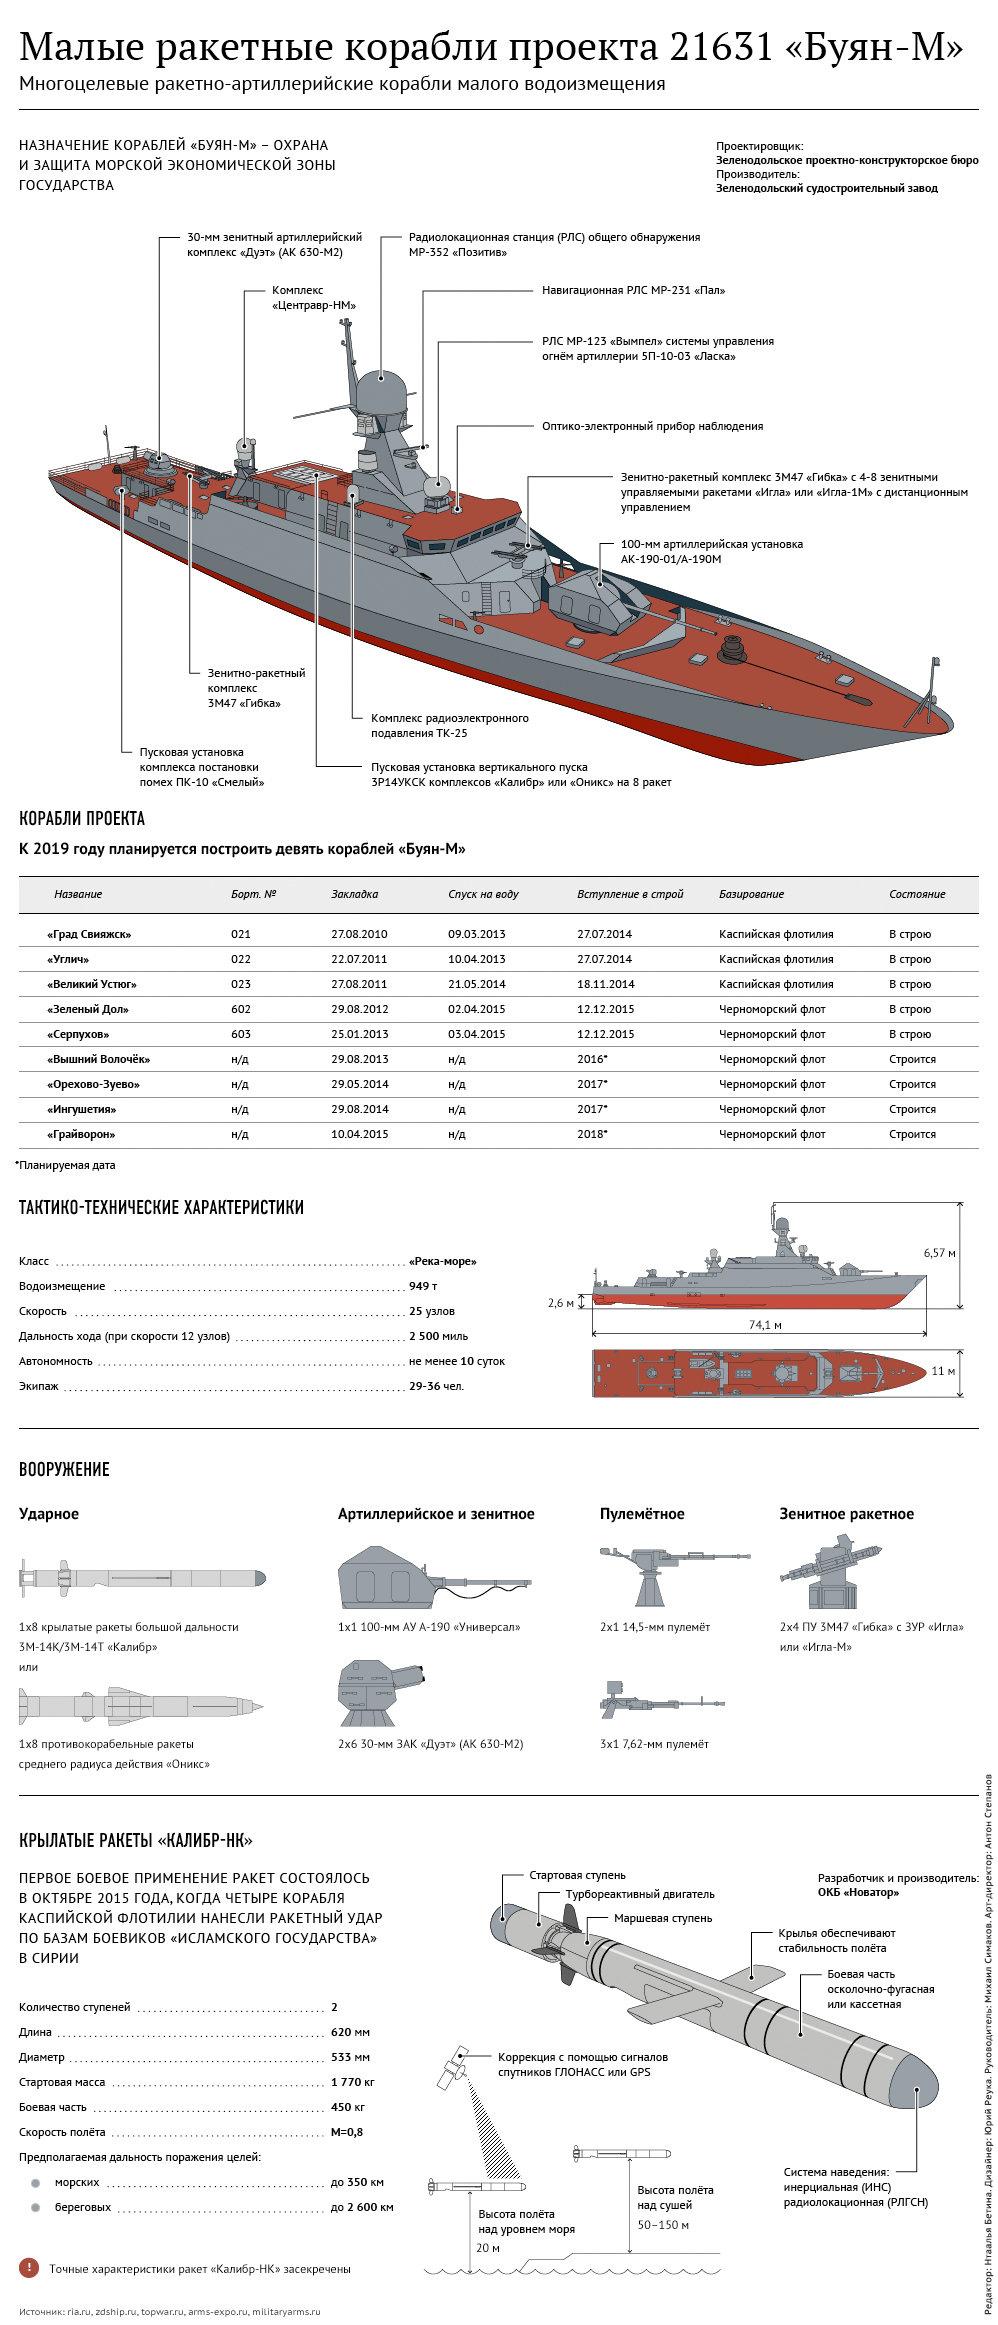 """Характеристики и вооружение ракетных кораблей проекта """"Буян-М"""""""